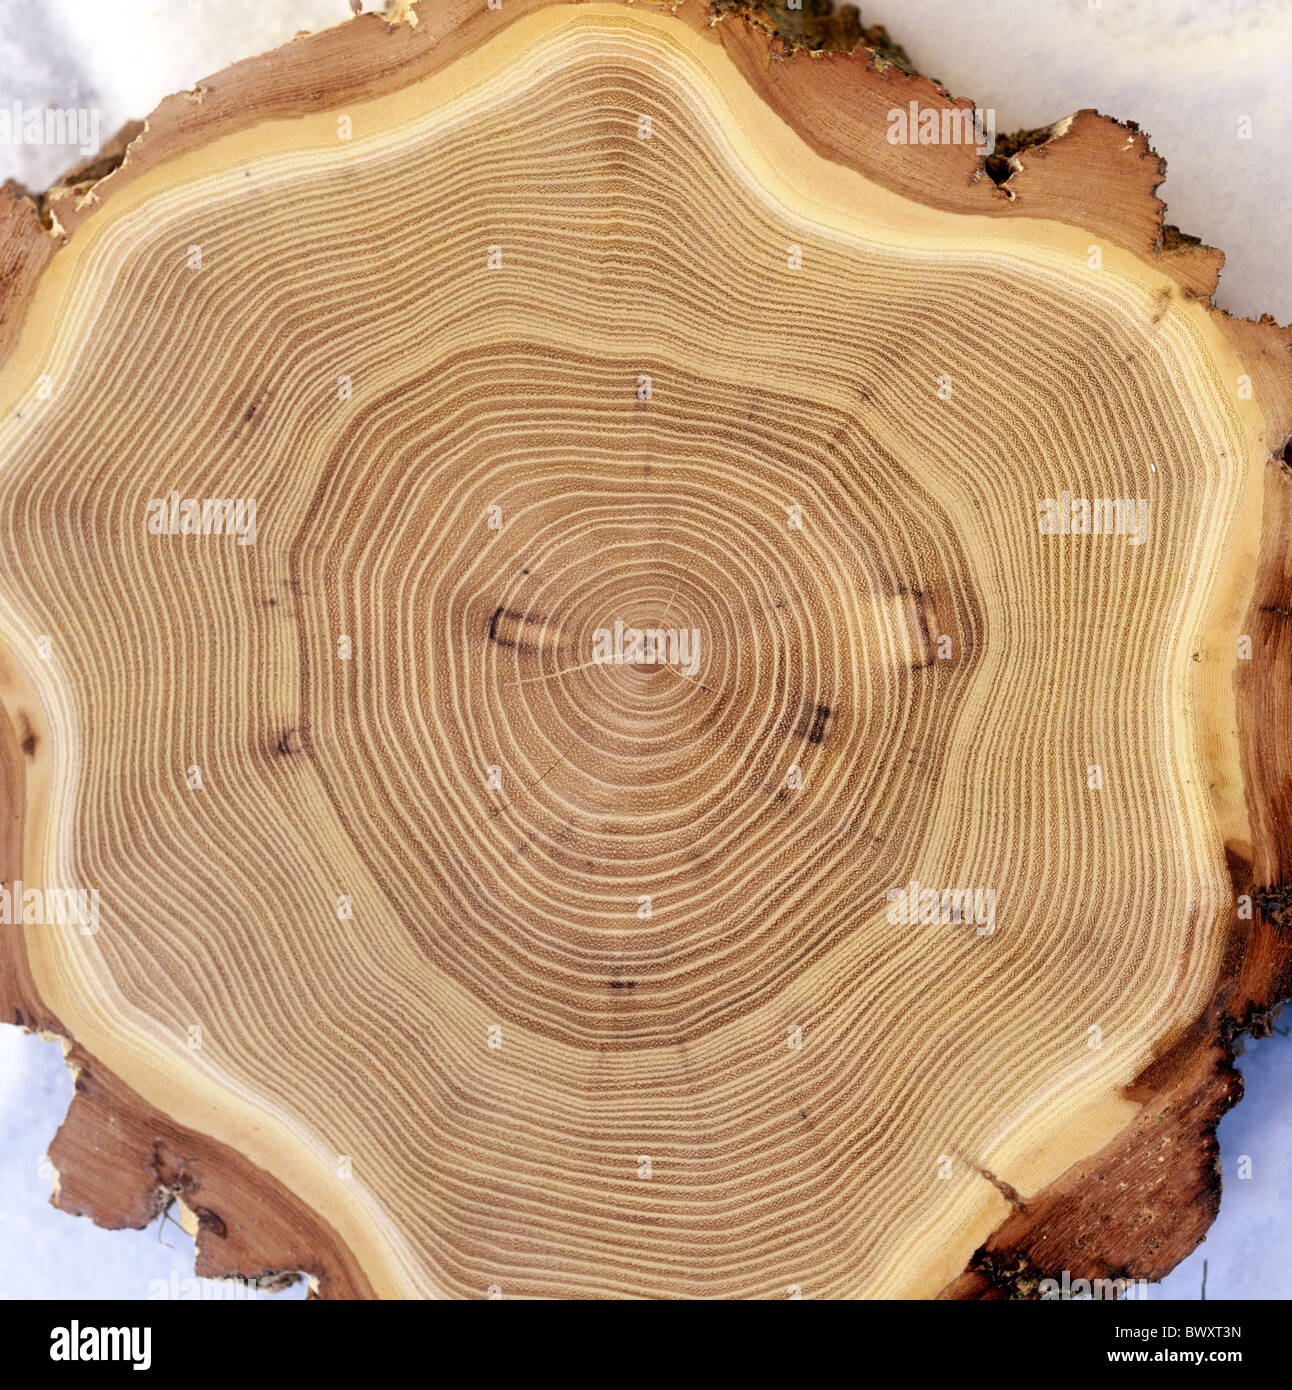 Sbagliato del legno di acacia anelli annuali sezione trasversale ...